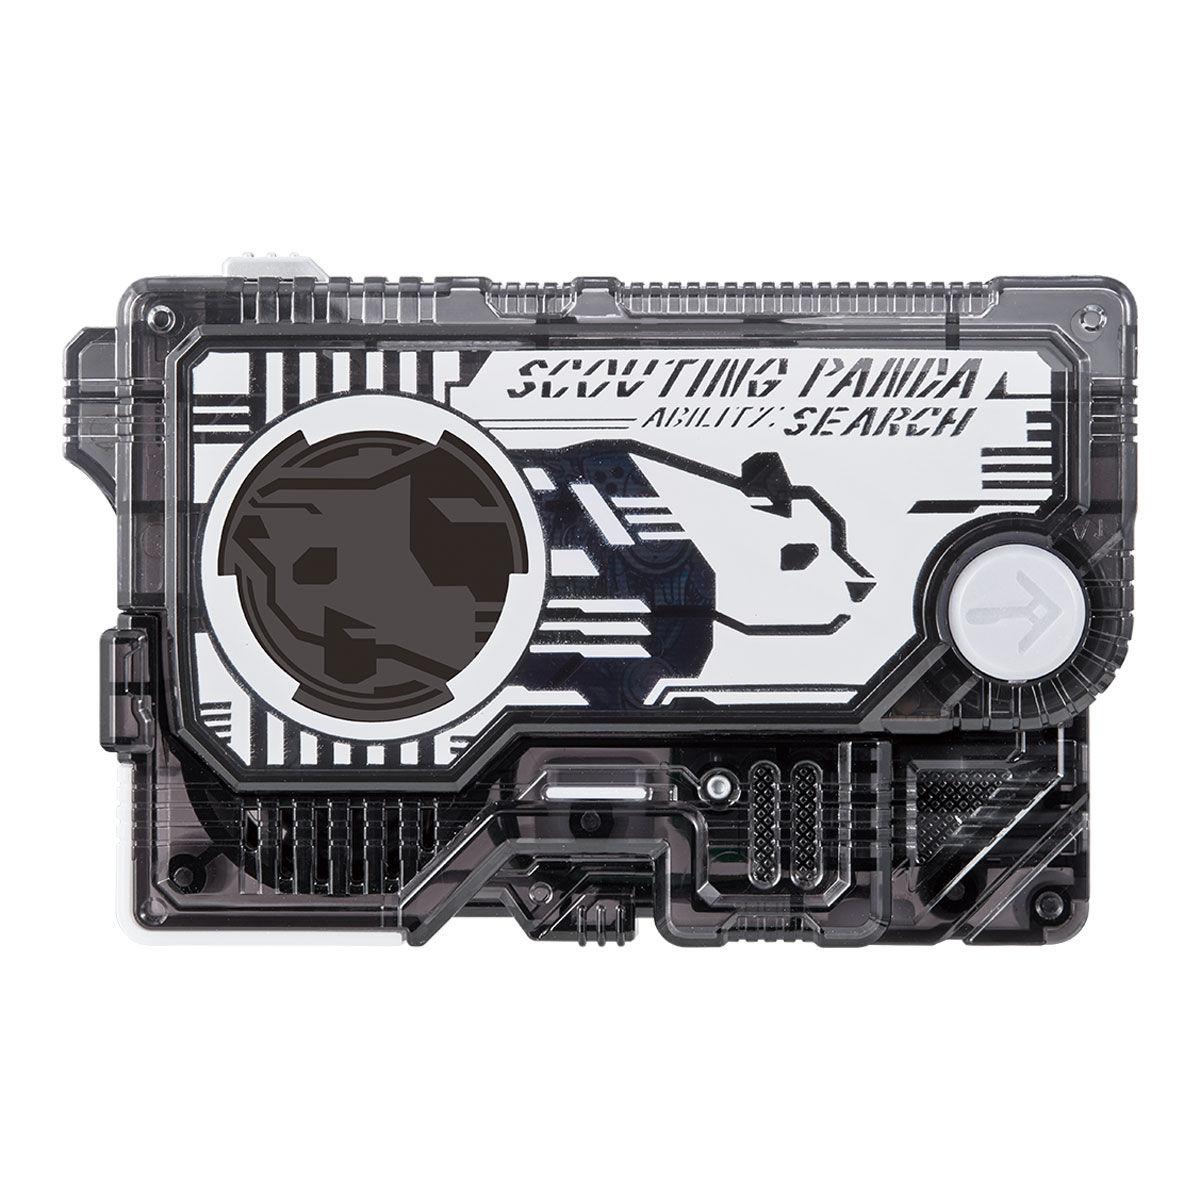 【限定販売】仮面ライダーゼロワン『 DXスカウティングパンダプログライズキー』変身なりきり-005